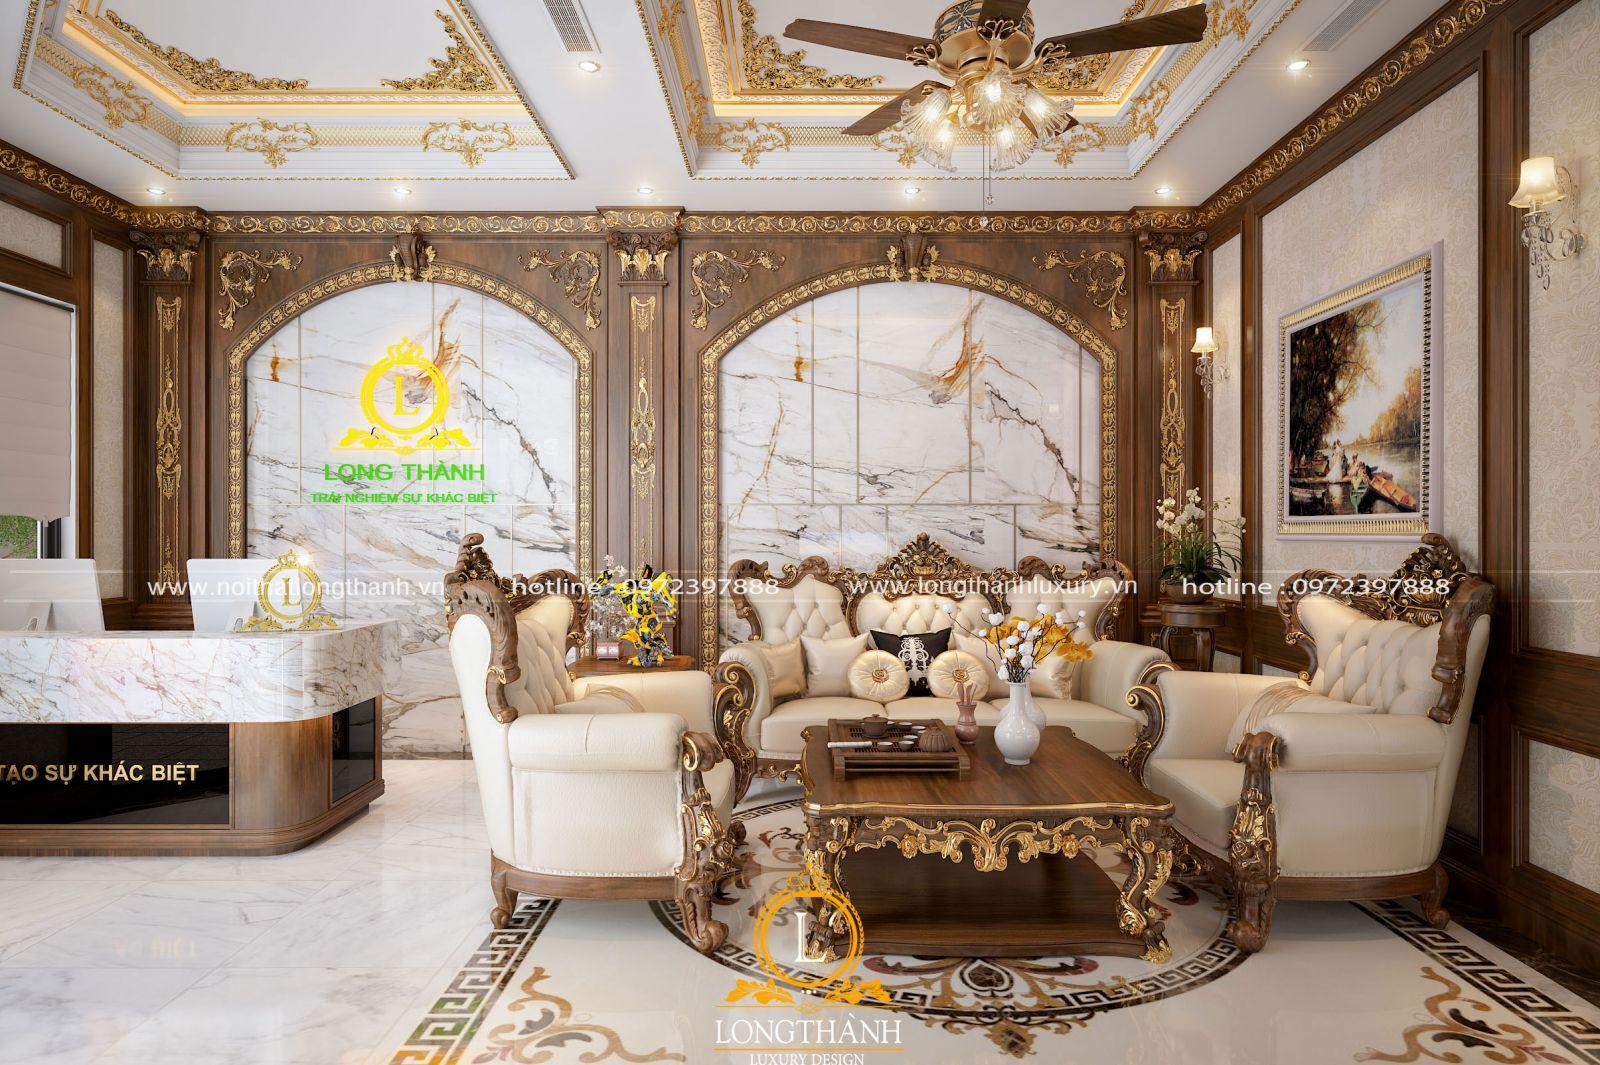 Bộ sofa tân cổ điển được thiết kế trưng bày tại showroom nội thất